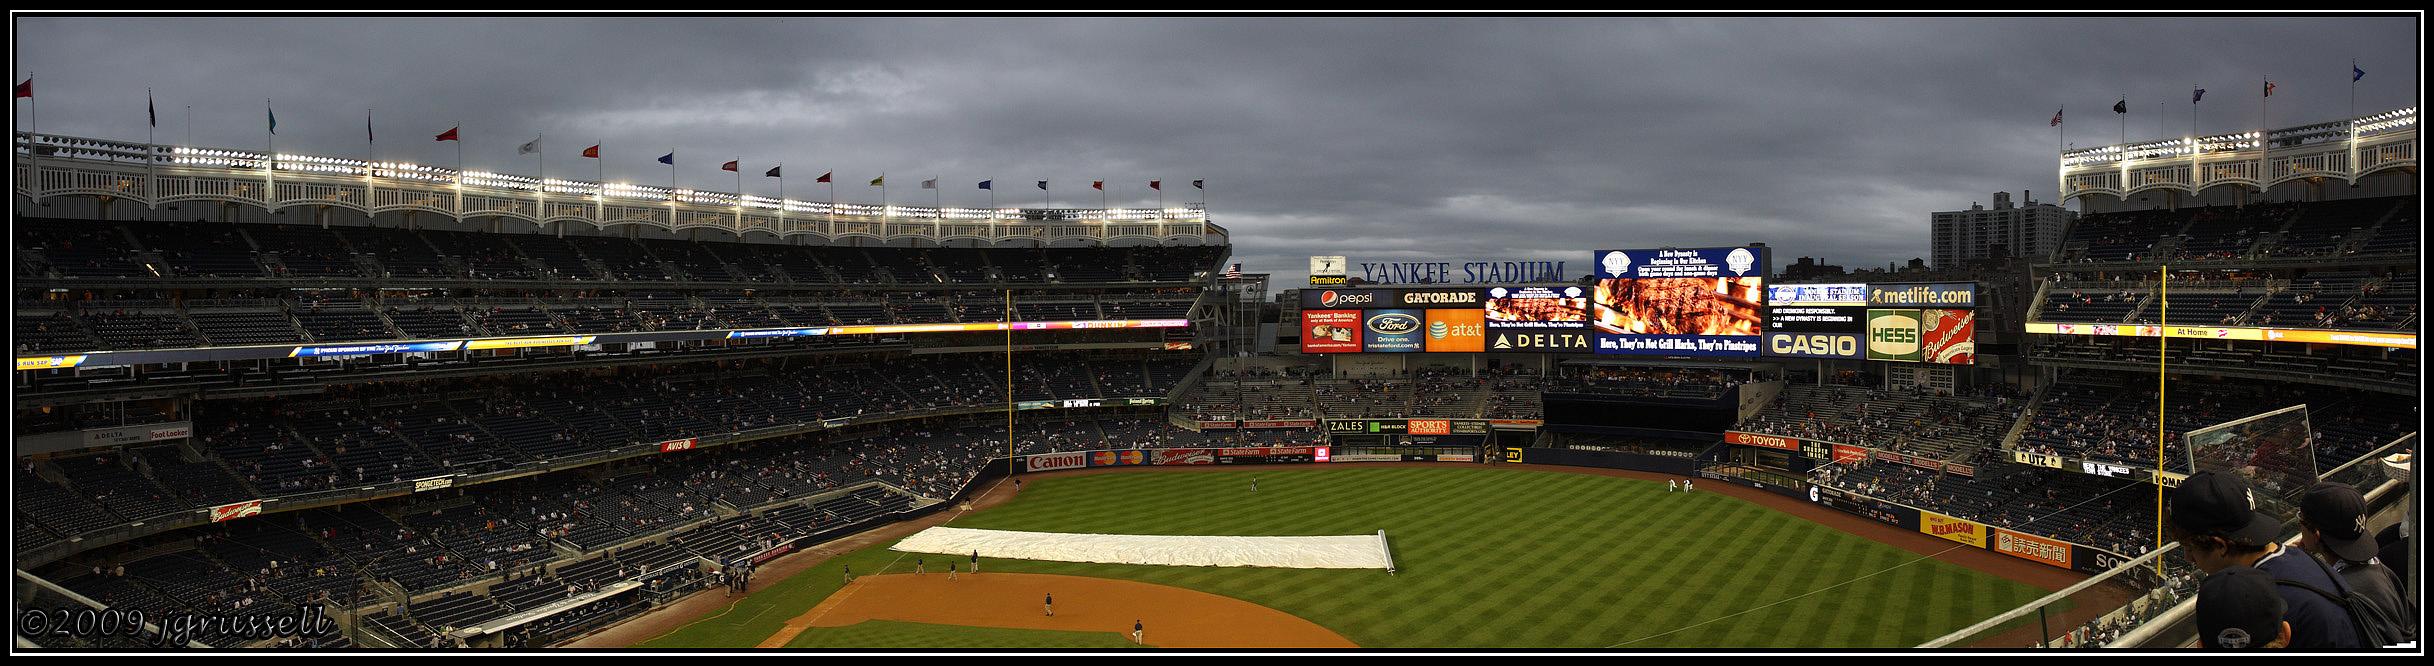 Panorama of new Yankee Stadium